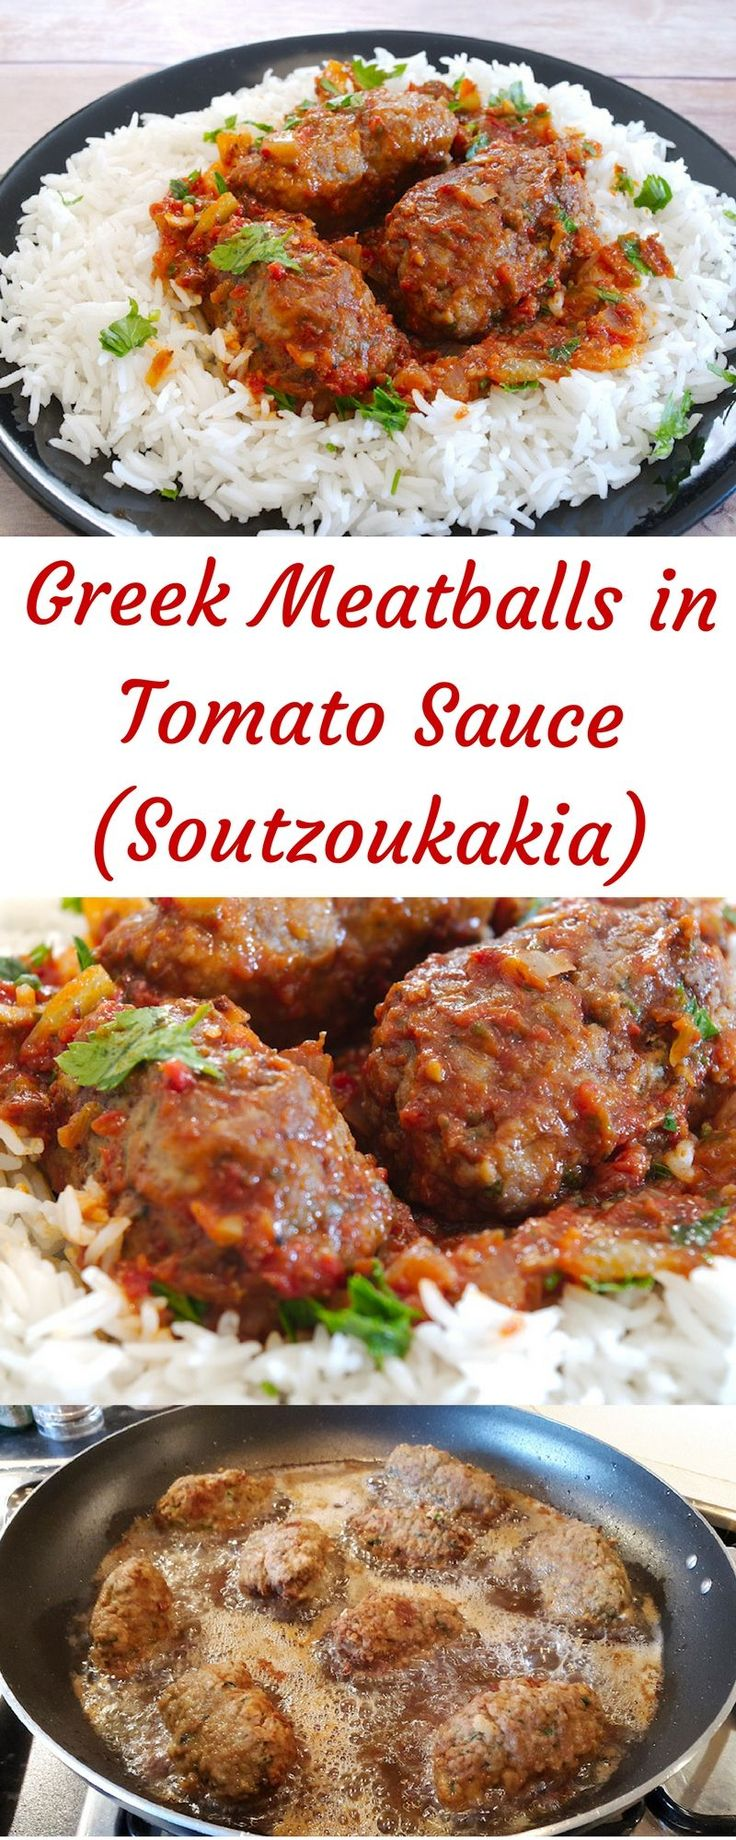 De 25+ bedste idéer inden for Greek meatballs på Pinterest ...